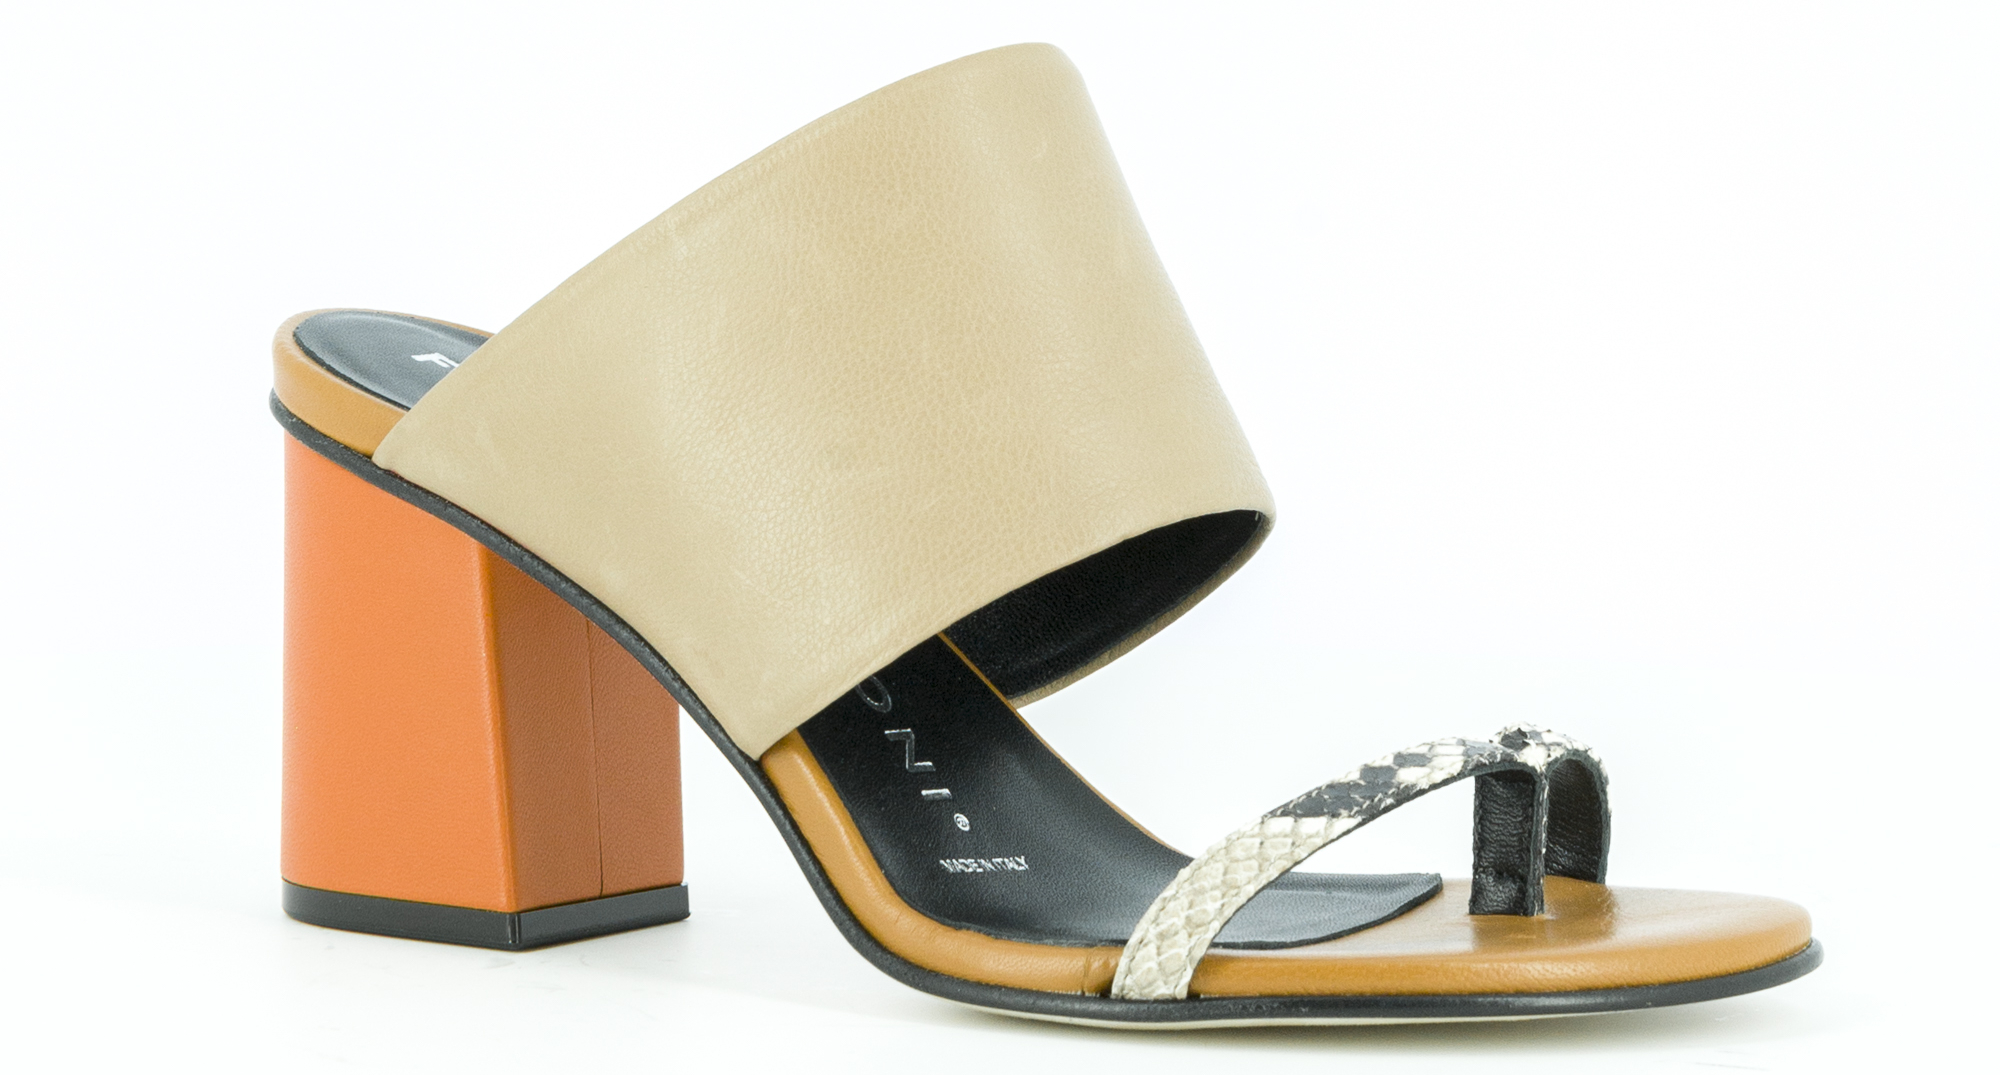 Scarpe donna Fabio Rusconi collezione Primavera -Estate 2020